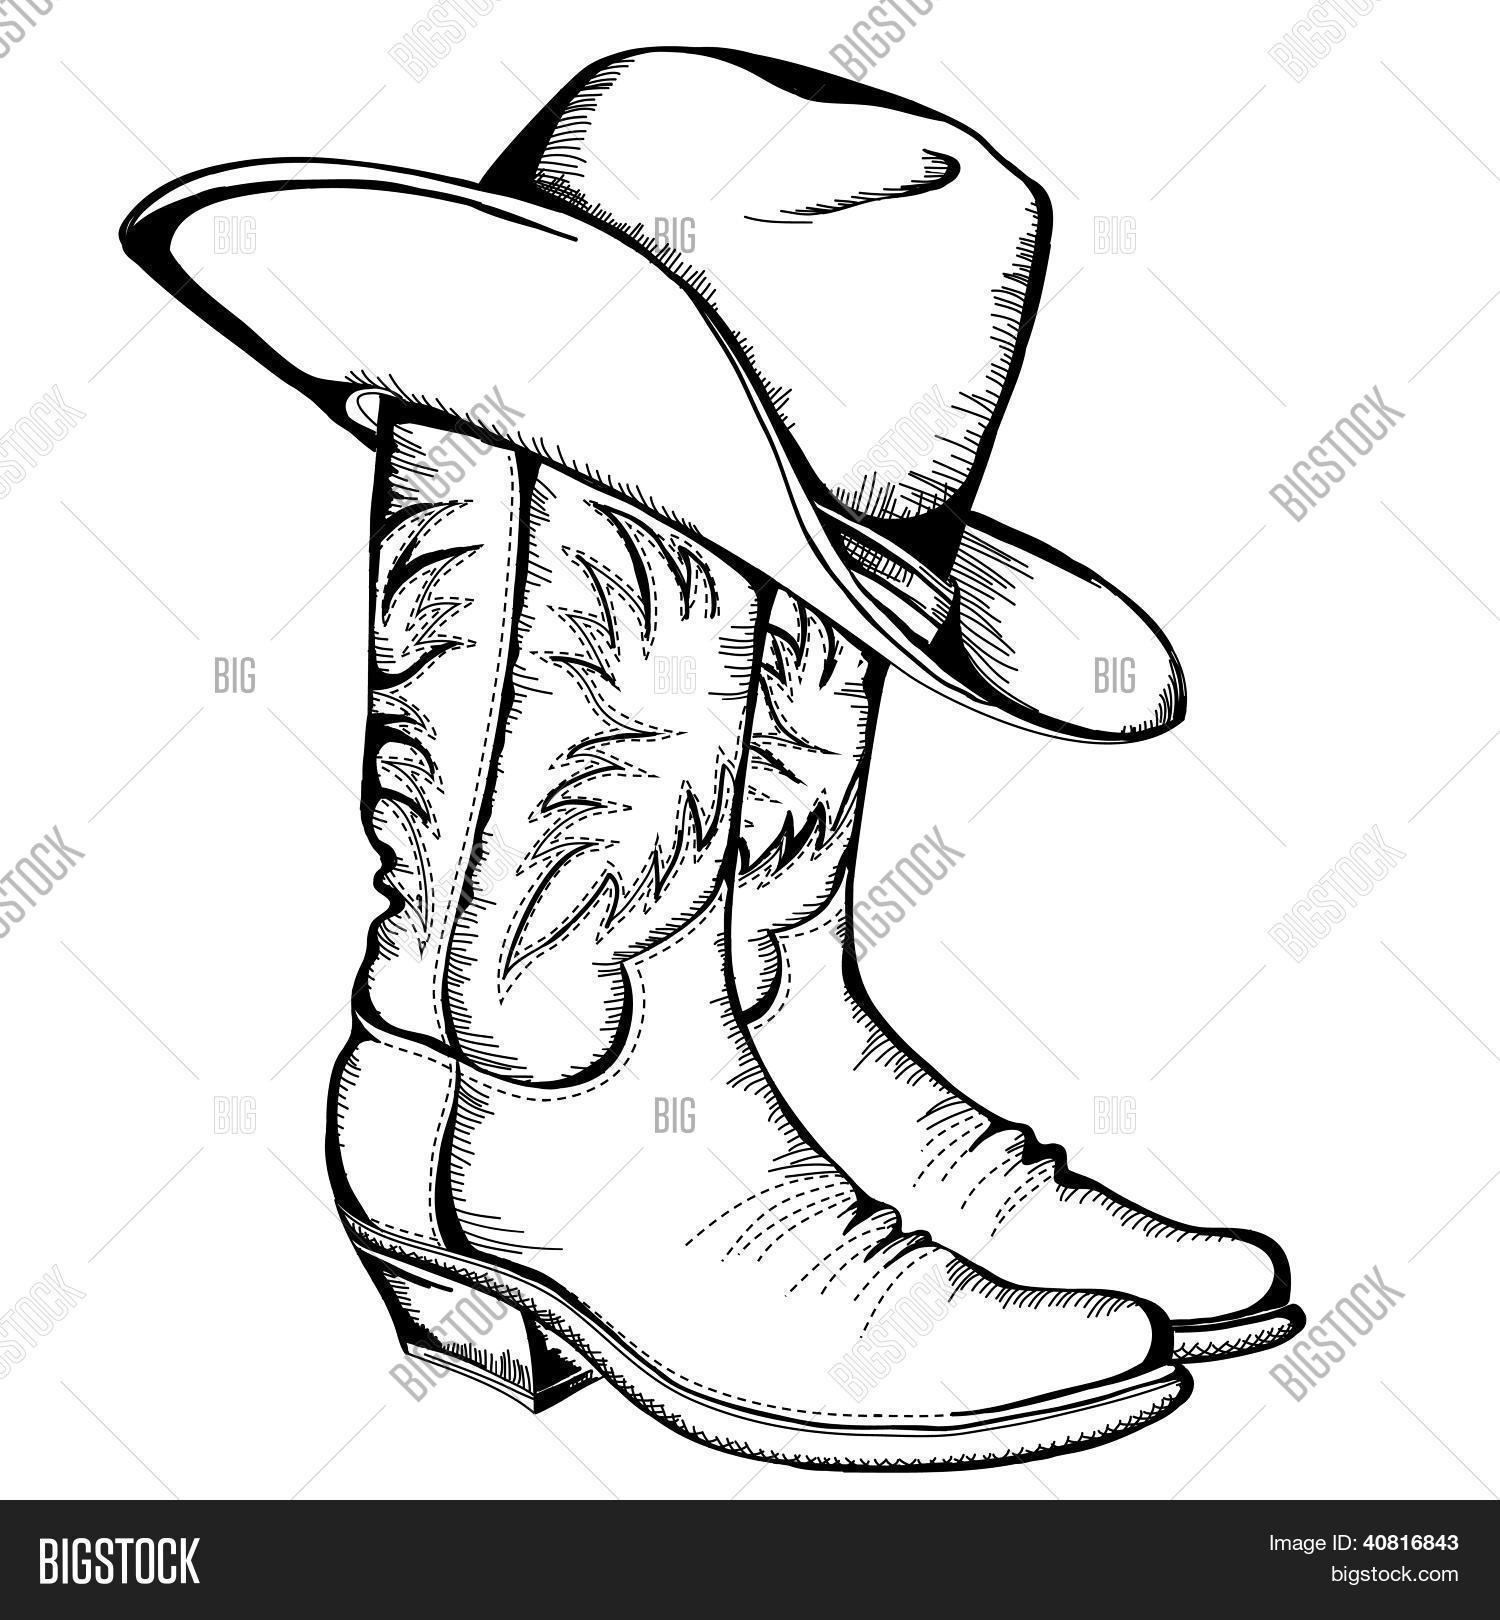 Botas vaqueras y sombrero.Ilustración gráfica de Vector be758a415fb